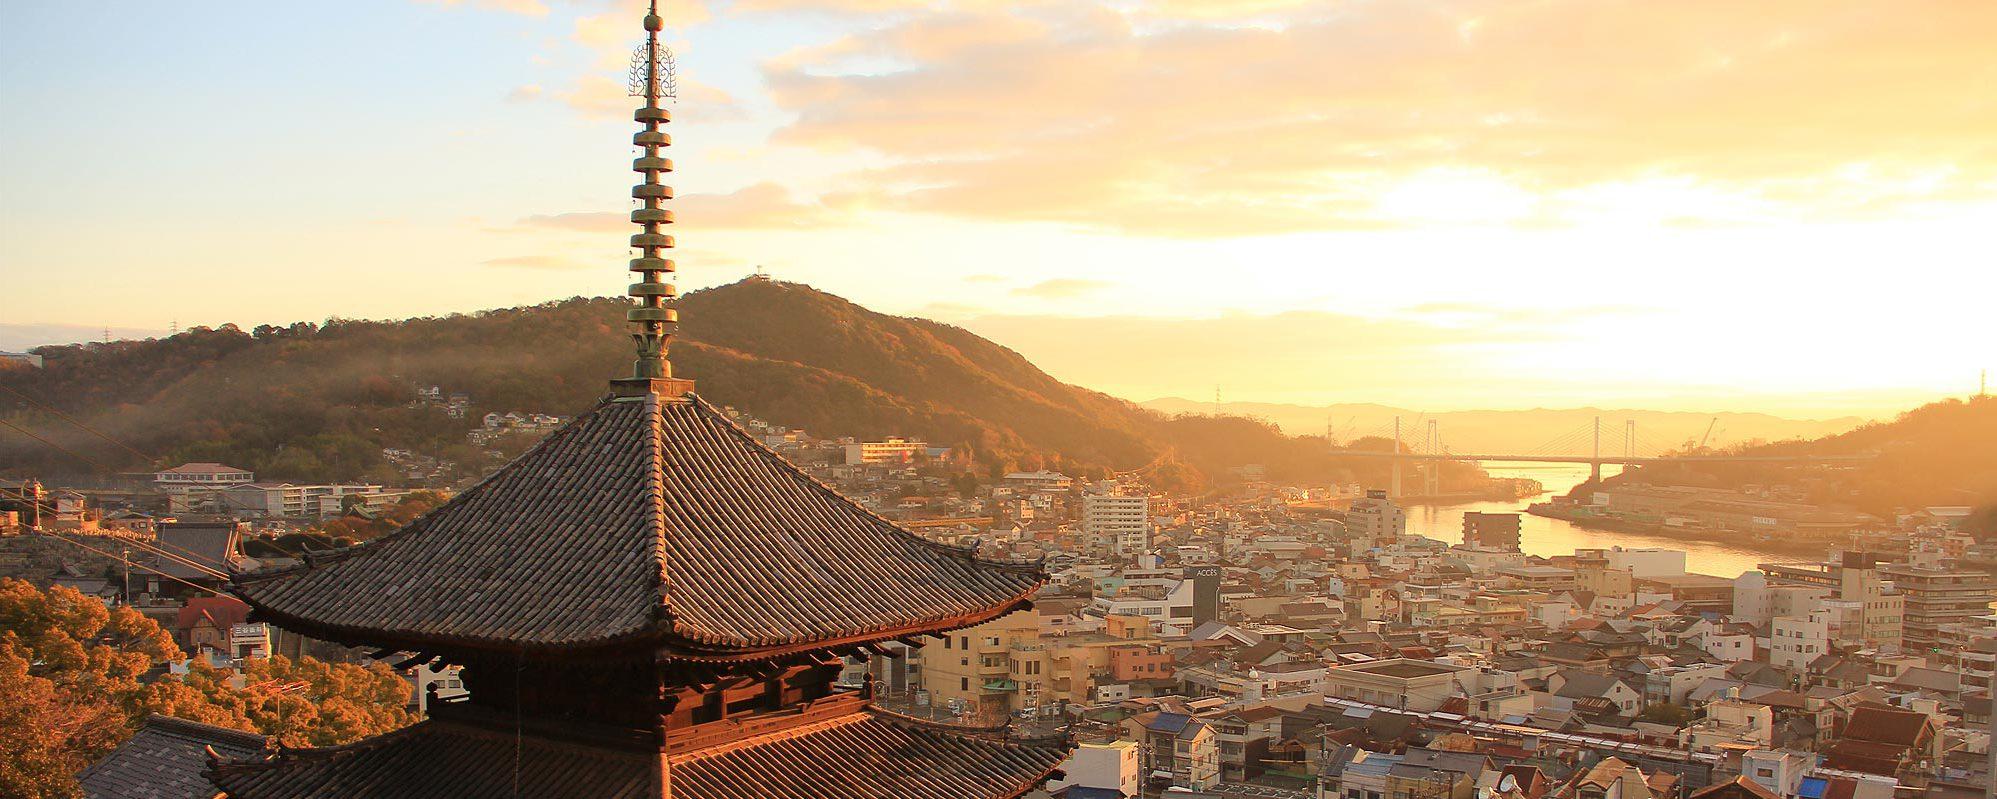 朝日の中の天寧寺と尾道水道